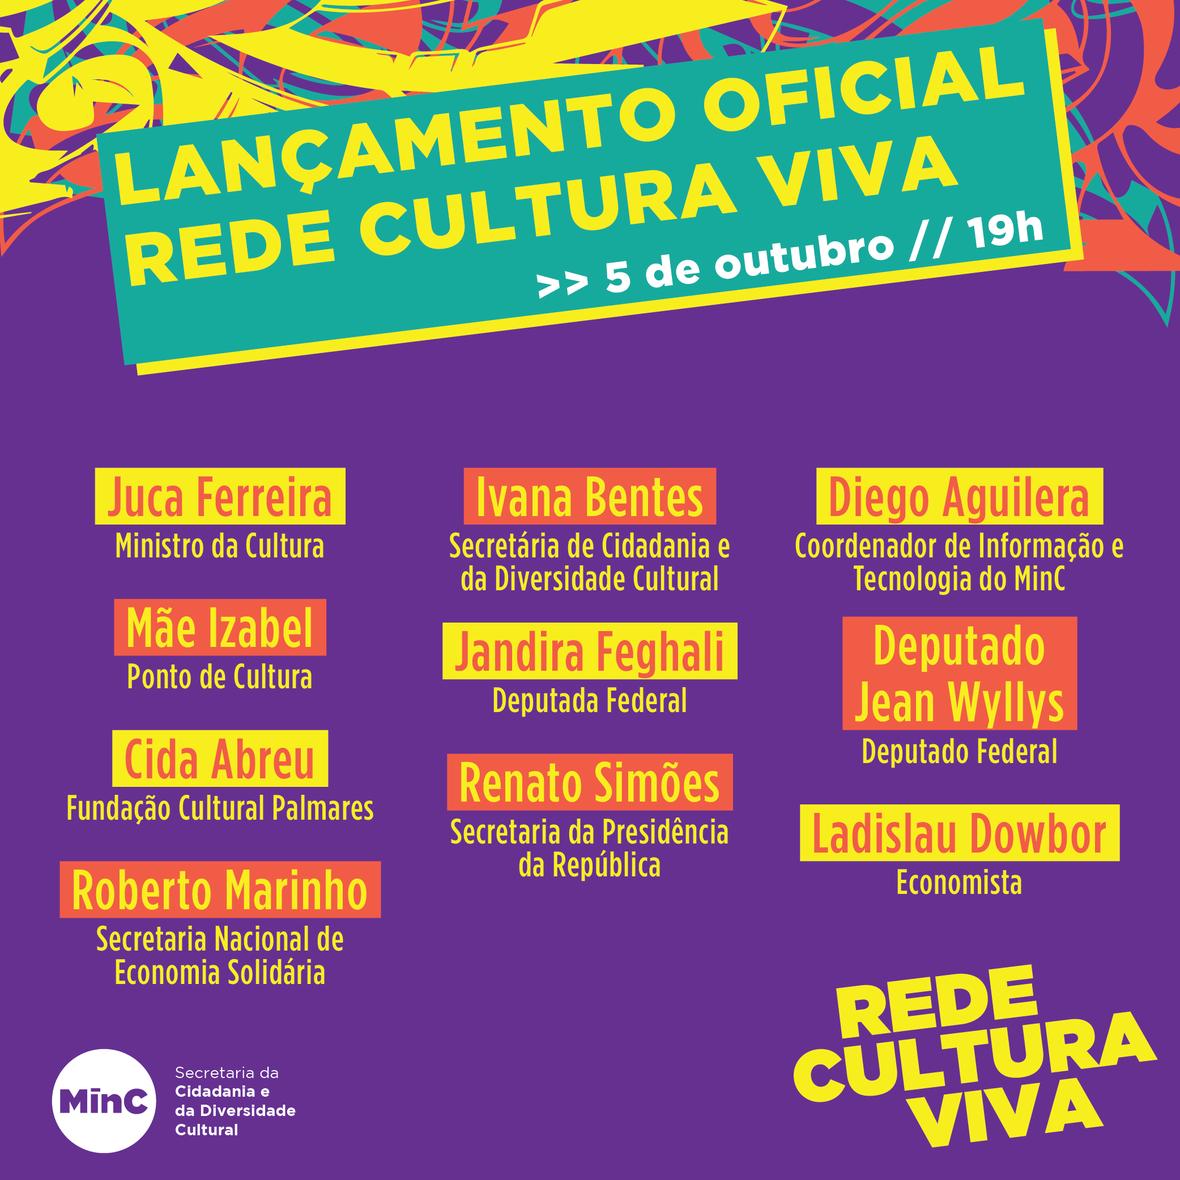 MinC SCDC Rede Cultura Viva Plataforma v05 MEME lancamento oficial-02